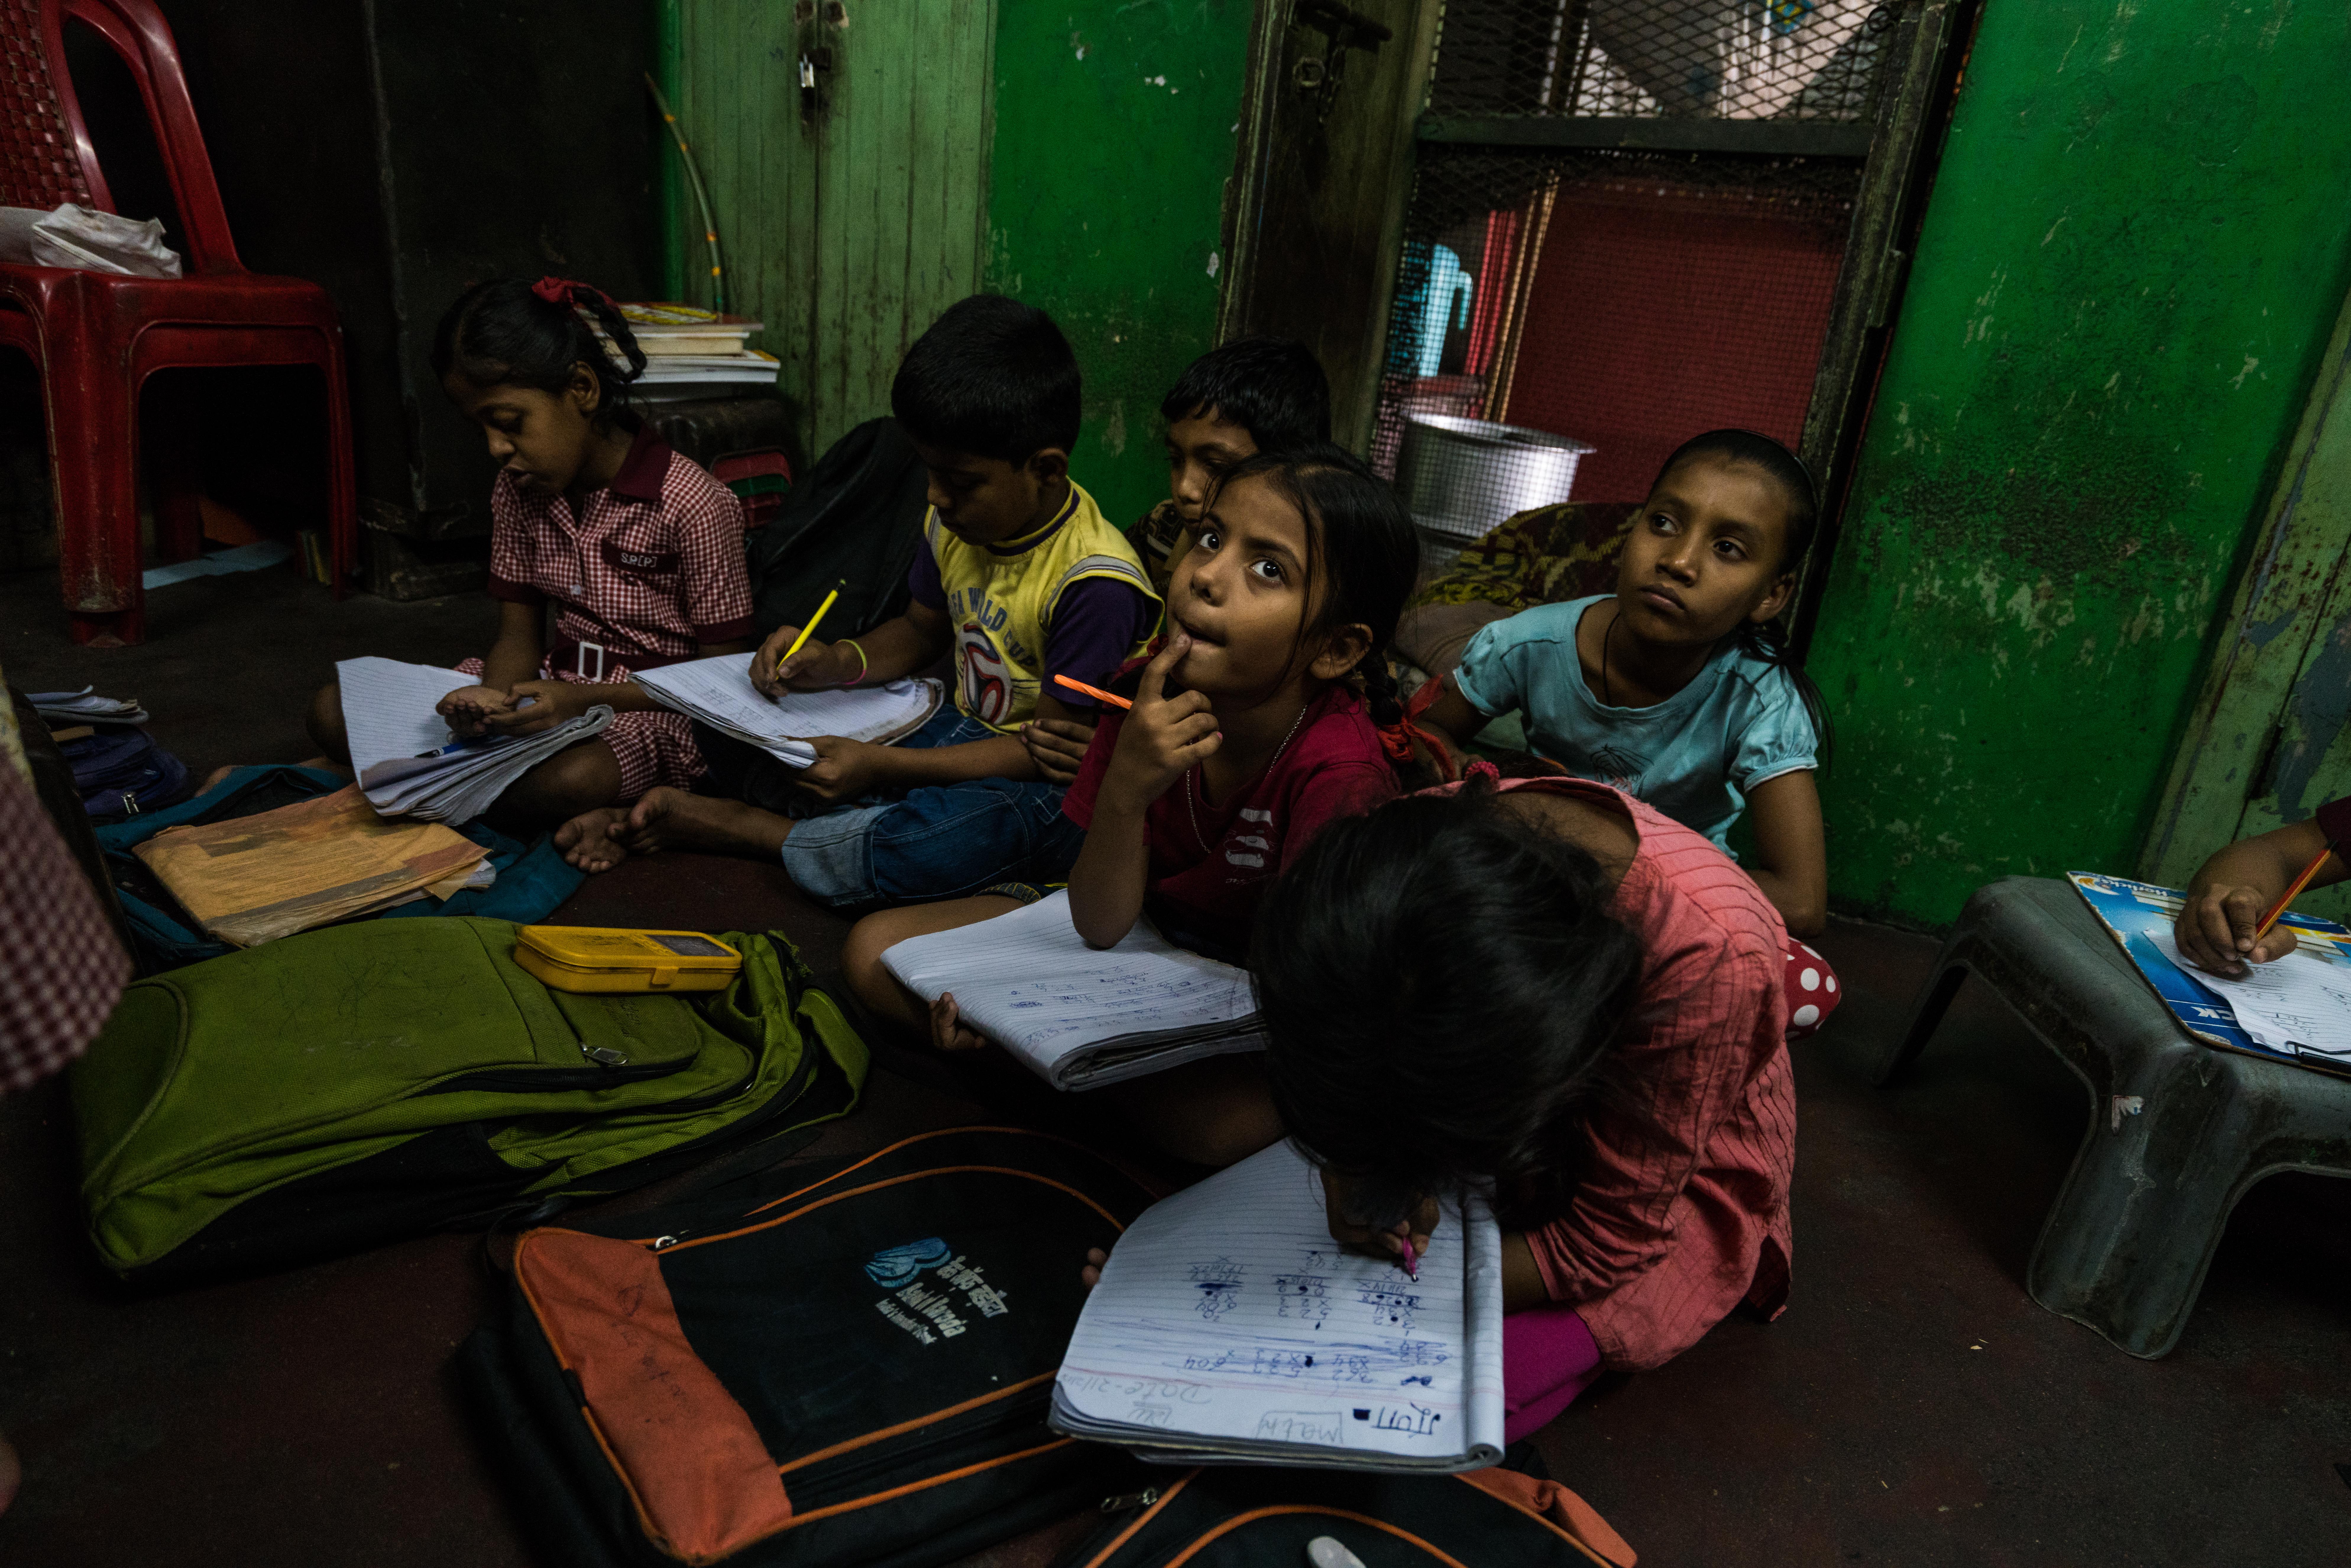 Ein Blick in ein Klassenzimmer der Schule Nr. 10 zeigt die Schüler mit aufgeklappten Arbeitsheften und konzentriert bei der Arbeit.